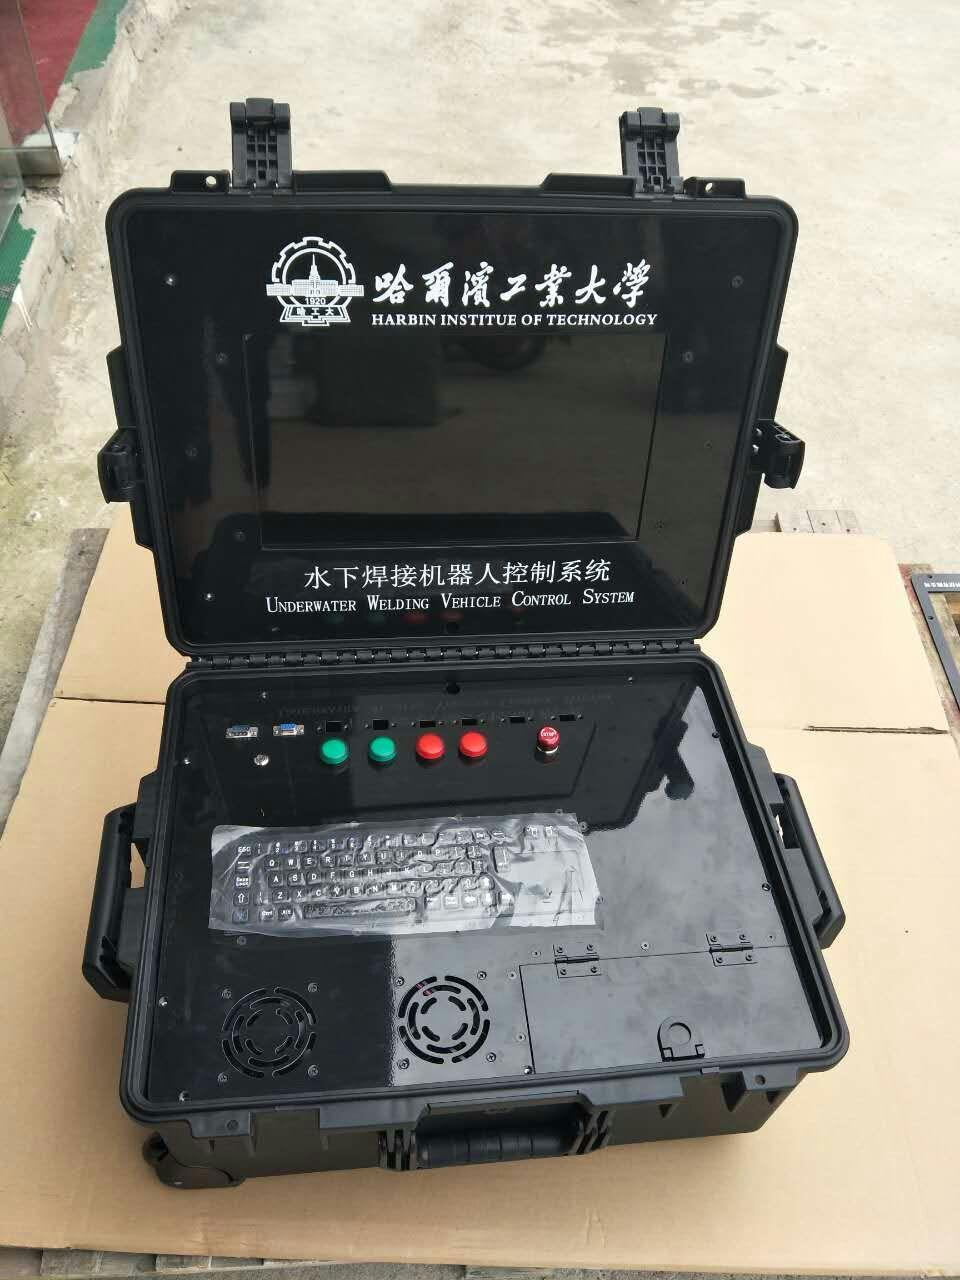 三军行防护箱水下焊接机器人控制系统箱体